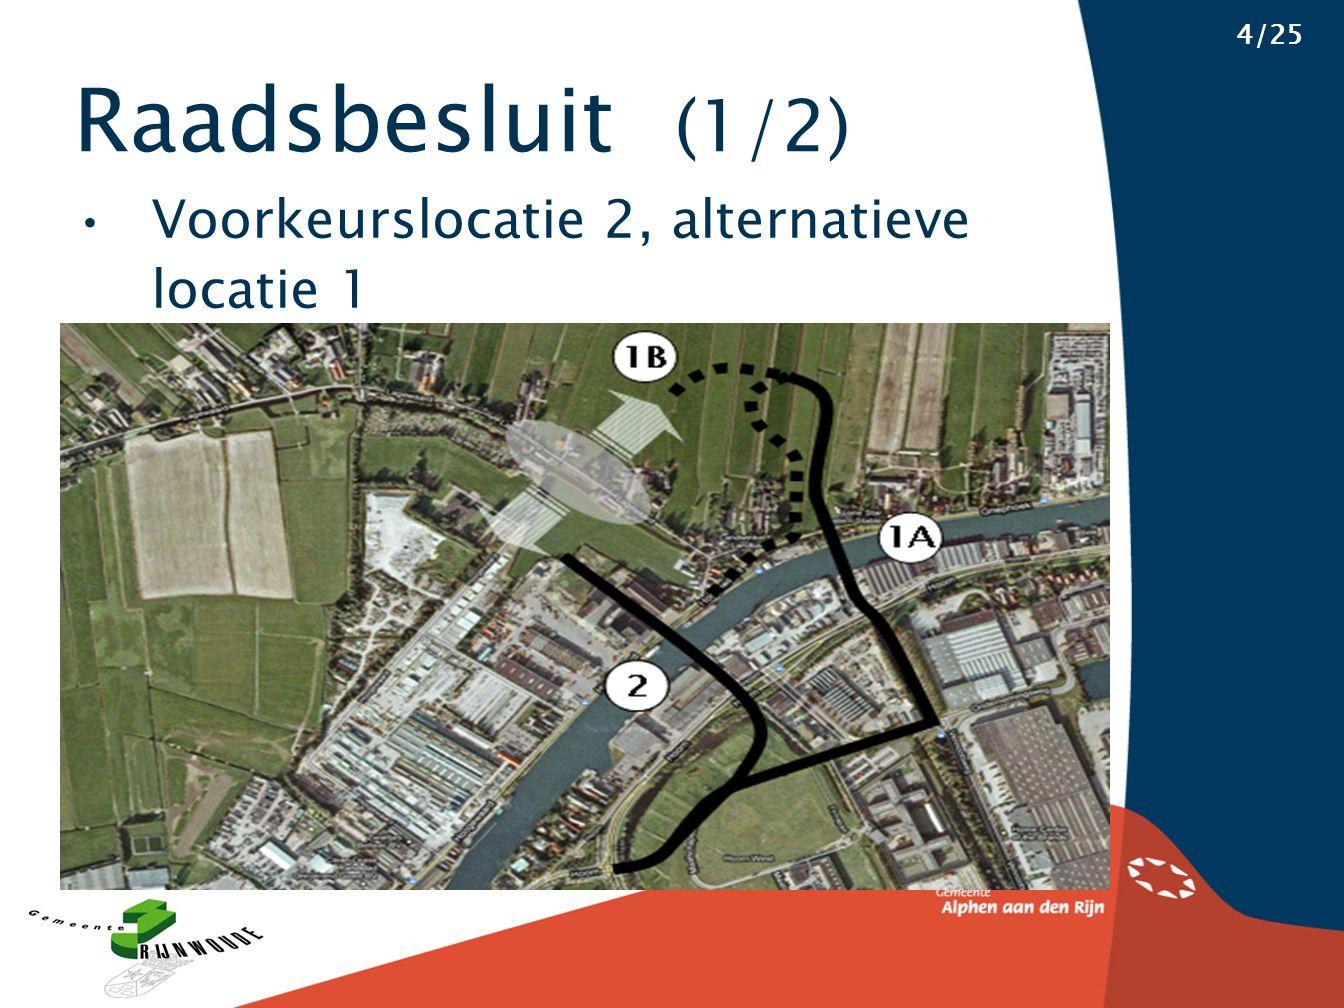 Raadsbesluit (1/2) 4/25 Voorkeurslocatie 2, alternatieve locatie 1